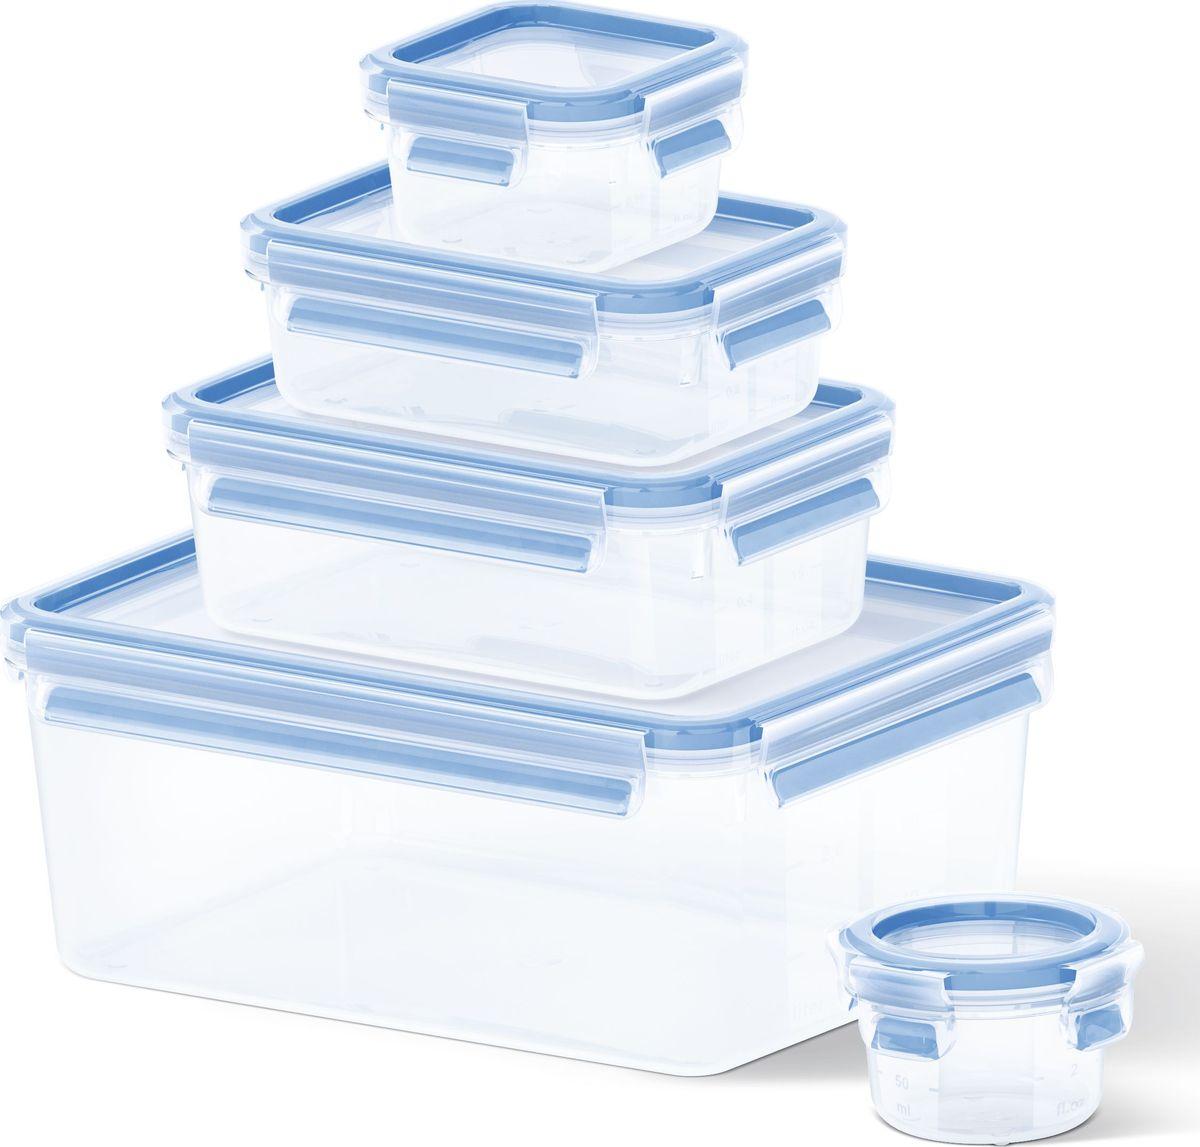 Набор контейнеров Emsa Clip&Close, 5 шт508568Набор контейнеров Emsa Clip&Close изготовлен из высококачественного антибактериального пищевого пластика, имеющего сертификат BPA-free, который выдерживает температуру от -40°С до +110° С, не впитывает запахи и не изменяет цвет. Это абсолютно гигиеничный продукт, который подходит для хранения даже детского питания. 100% герметичность - идеально не только для хранения, но и для транспортировки пищи. Герметичность достигается за счет специальных силиконовых прослоек, которые позволяют использовать контейнер для хранения не только пищи, но и жидкости. В таком контейнере продукты долгое время сохраняют свою свежесть - до 4-х раз дольше по сравнению с обычными, в том числе и вакуумными контейнерами. 100% гигиеничность - уникальная технология применения медицинского силикона в уплотнителе крышки: никаких полостей - никаких микробов. Изделие снабжено крышкой, плотно закрывающейся на 4 защелки. 100% удобство - прозрачные стенки позволяют просматривать...